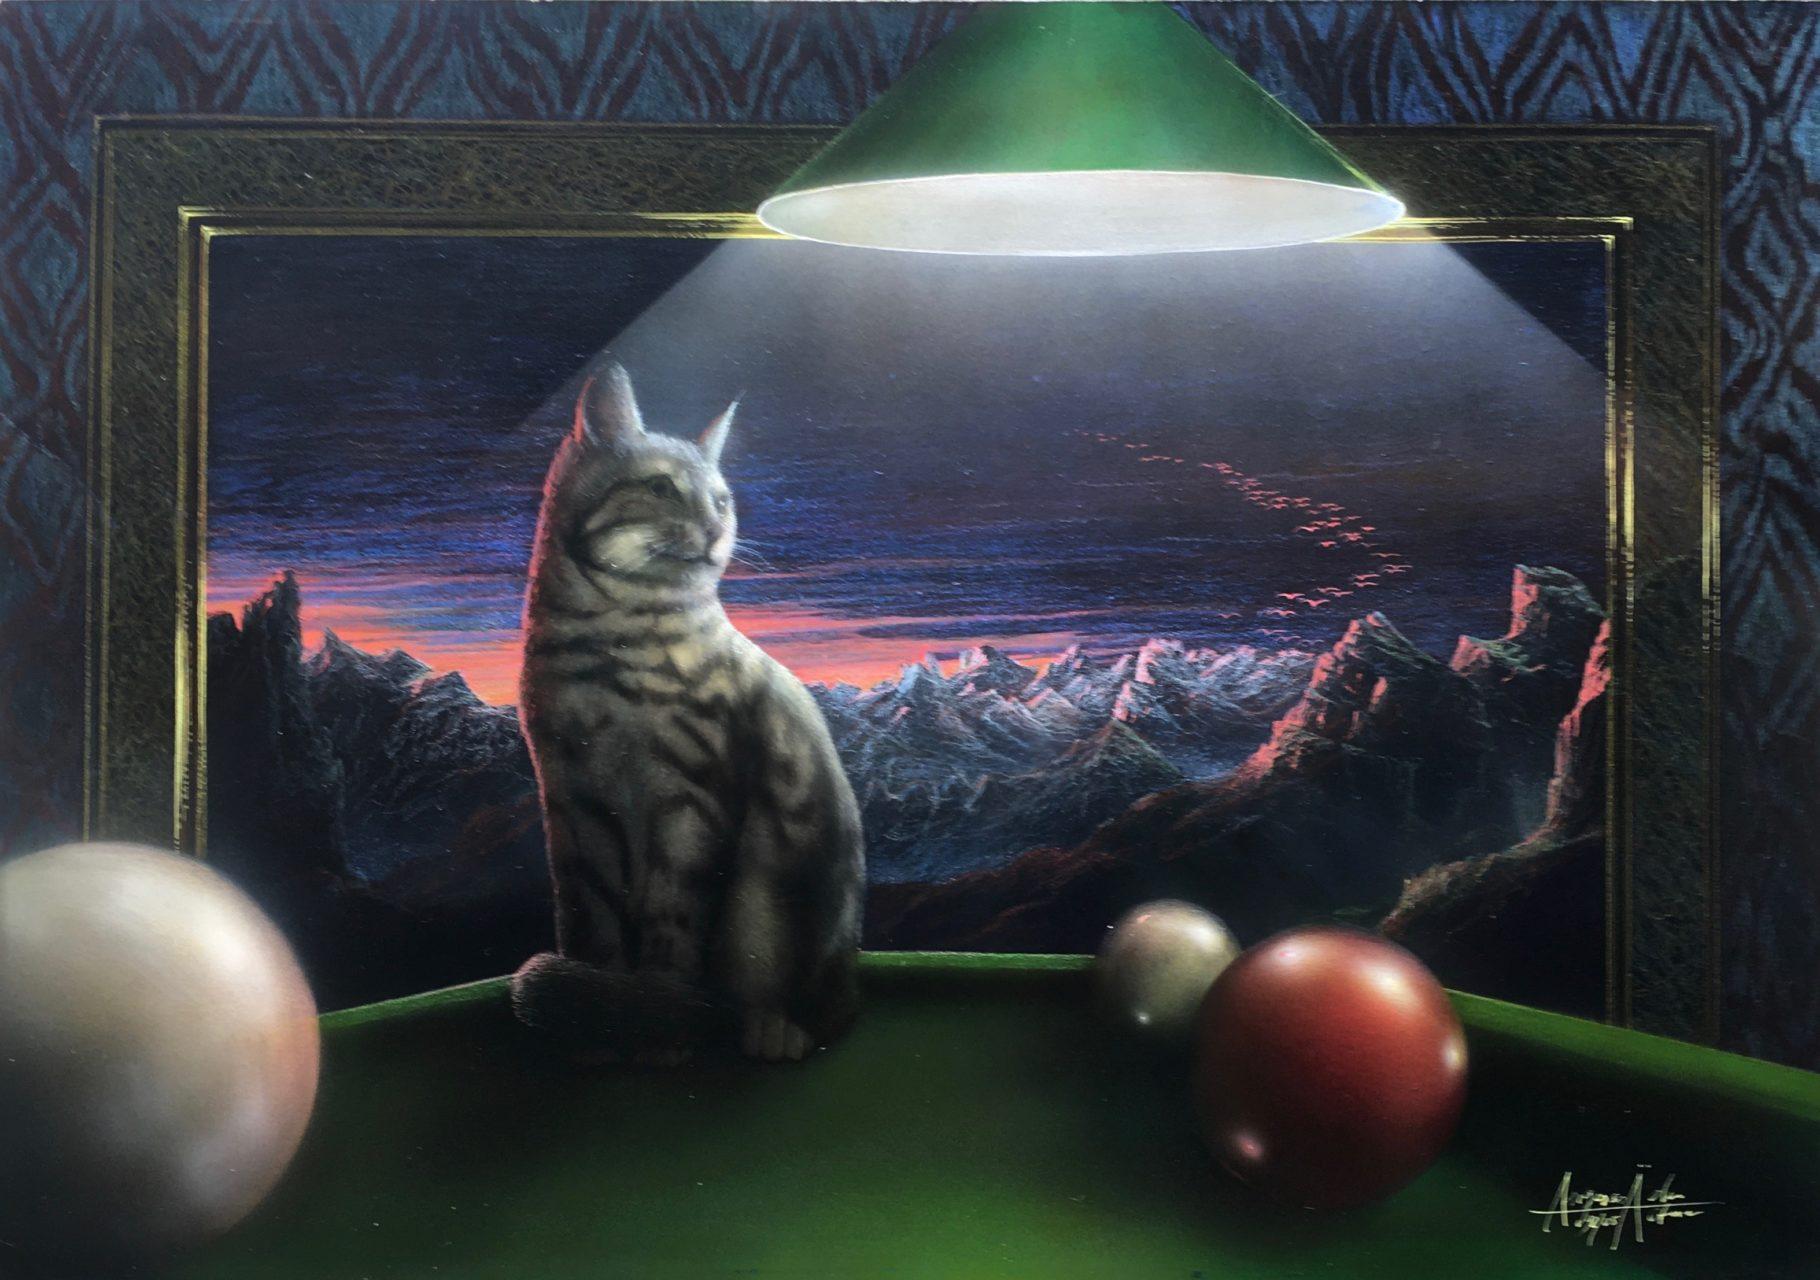 Katze auf dem Billardtisch